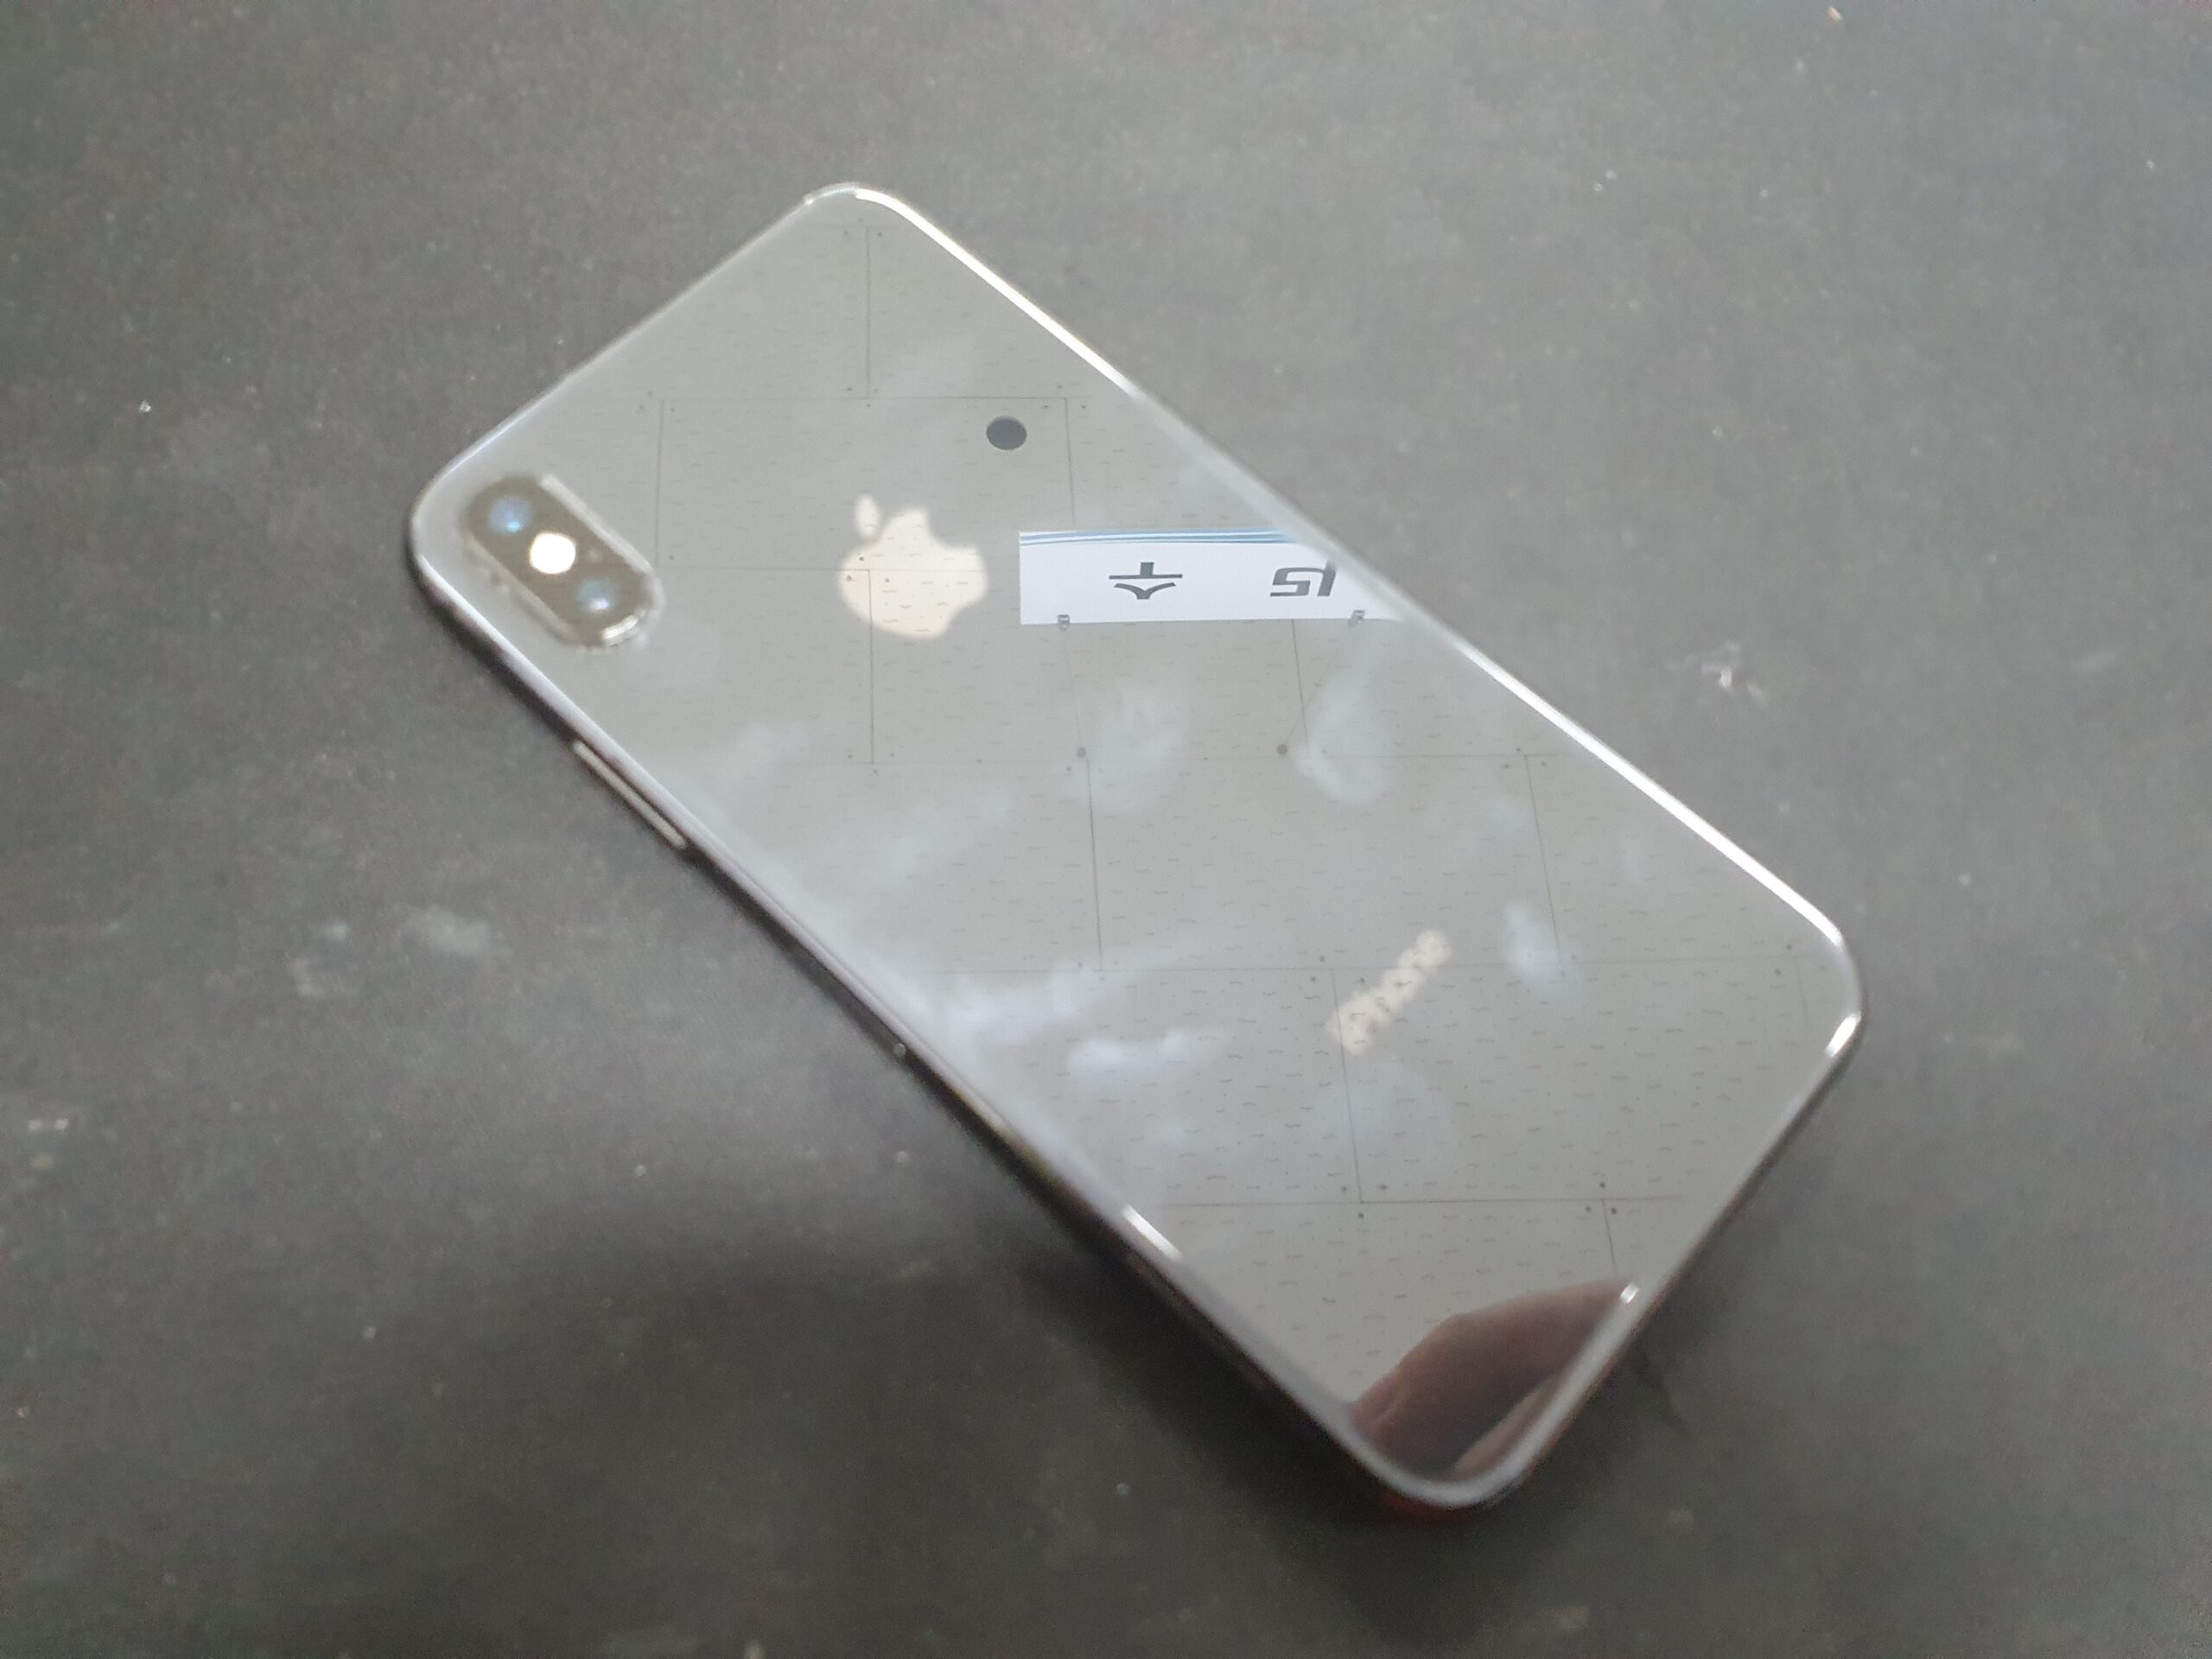 아이폰X 디스플레이 손상 3